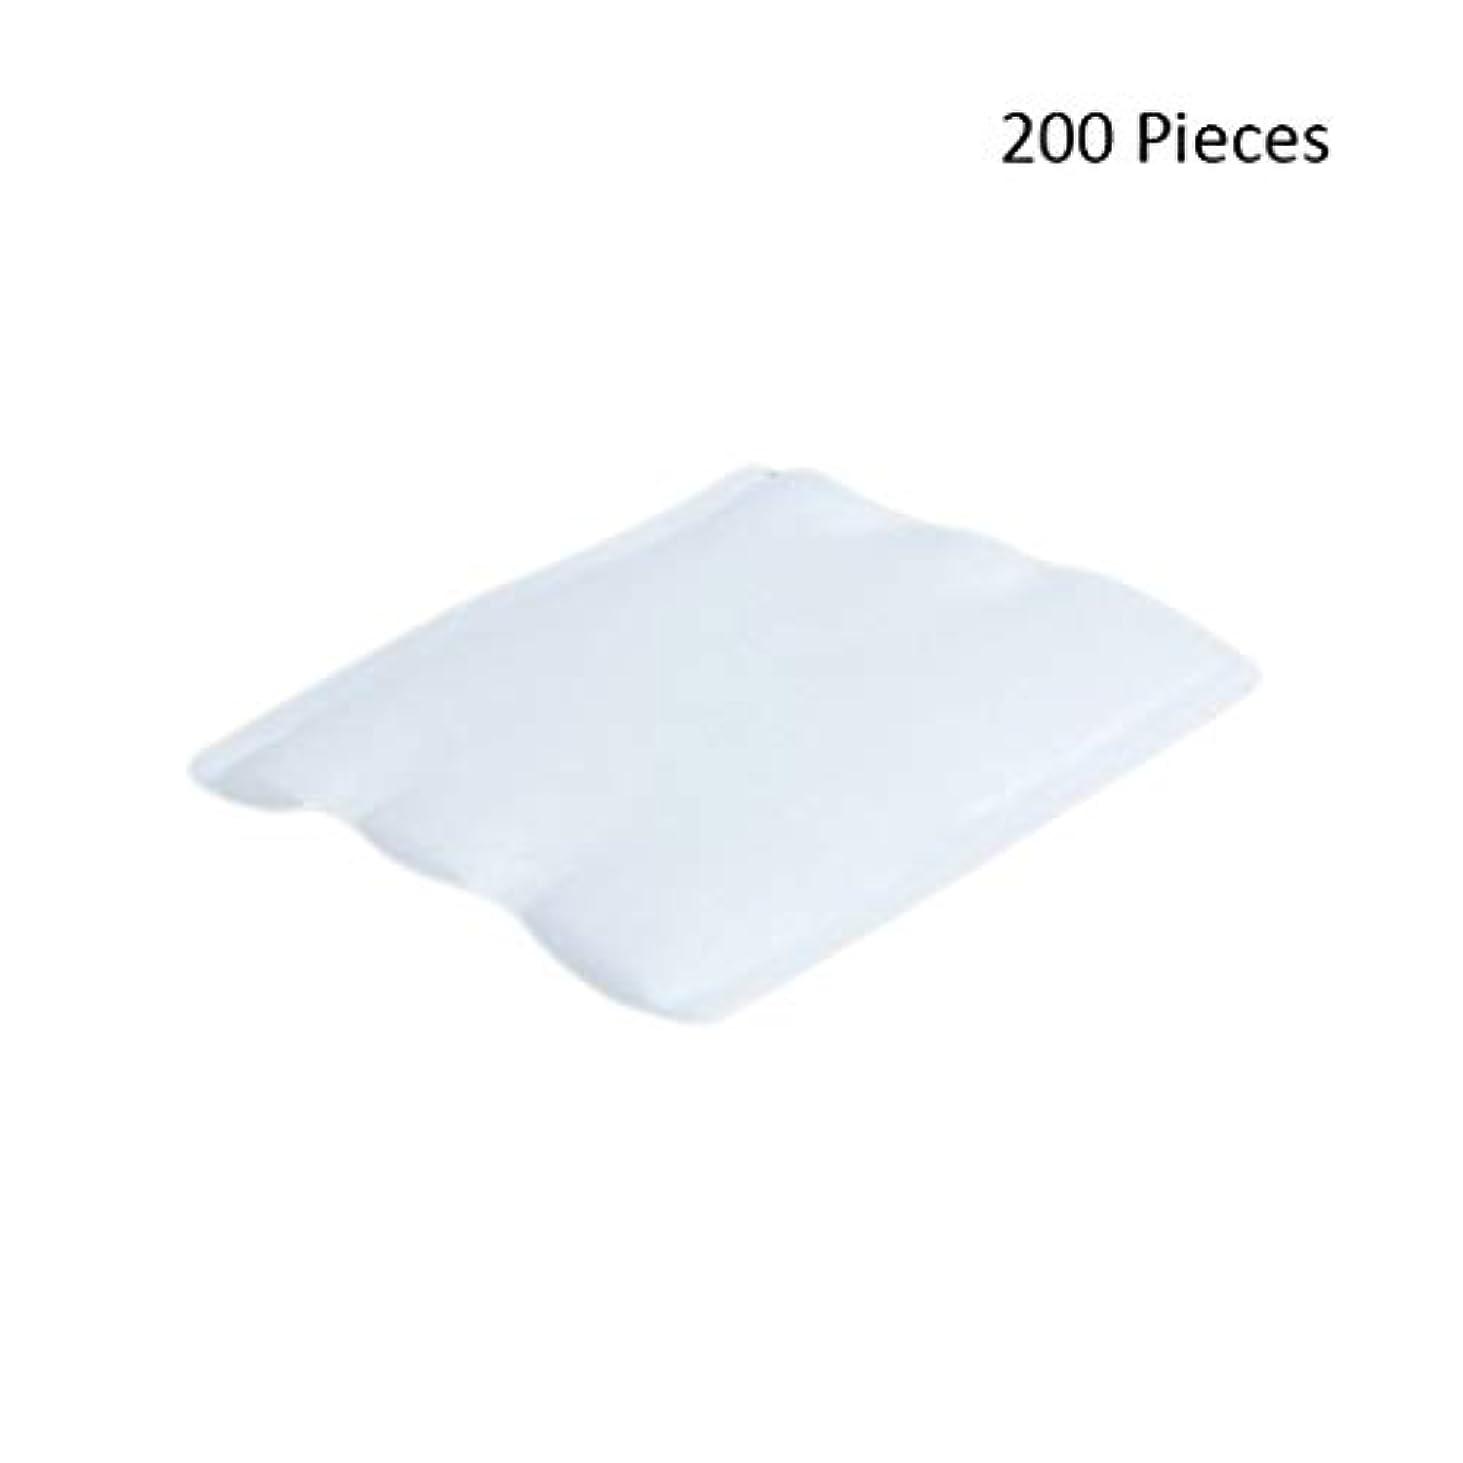 話をするユーモアダンス化粧パッド 200ピースオーガニックコットンパッドフェイシャルカットクレンジングメイクアップパフ化粧品メイクアップリムーバーワイプスキンフェイスウォッシュコットンパッド メイク落とし化粧パッド (Color : White, サイズ : 6*5cm)